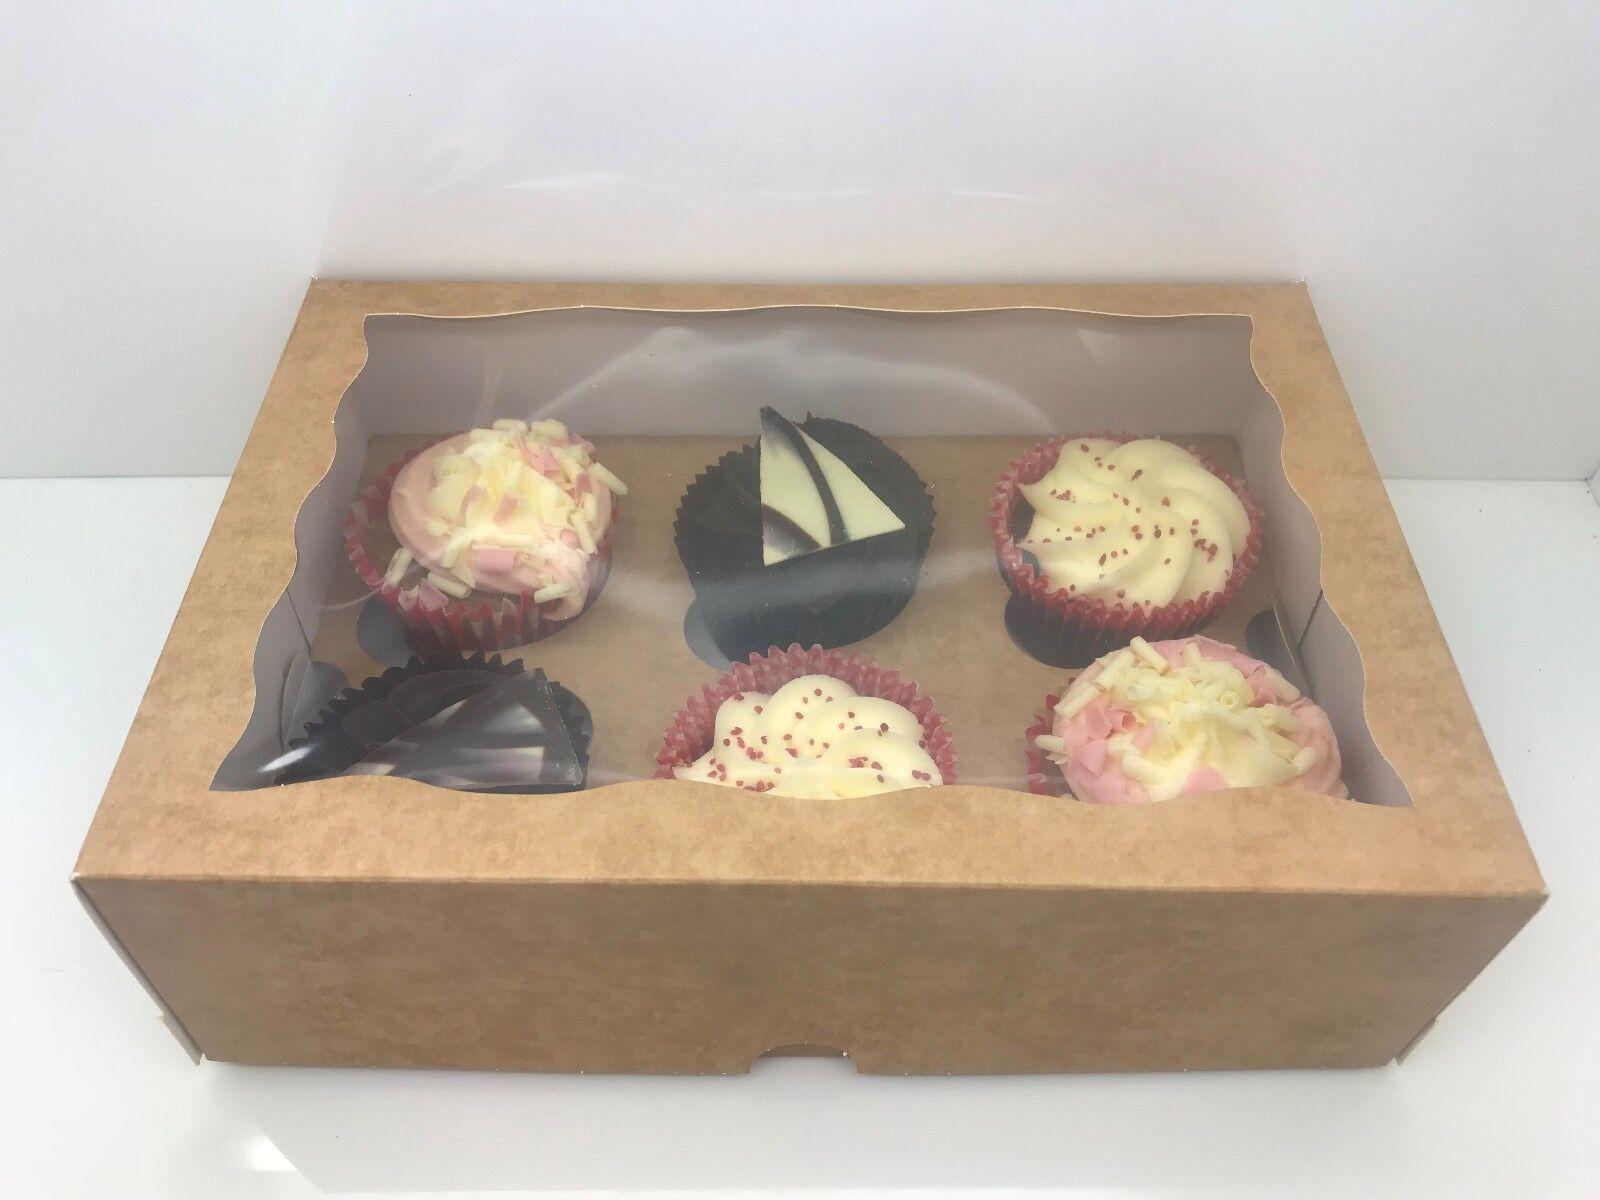 Premium 6, fenêtré Kraft Cupcake Boîtes pour 1, 2, 4, 6, Premium 9, 12 & 24 Tasse Cakes & BAC 5e72a3